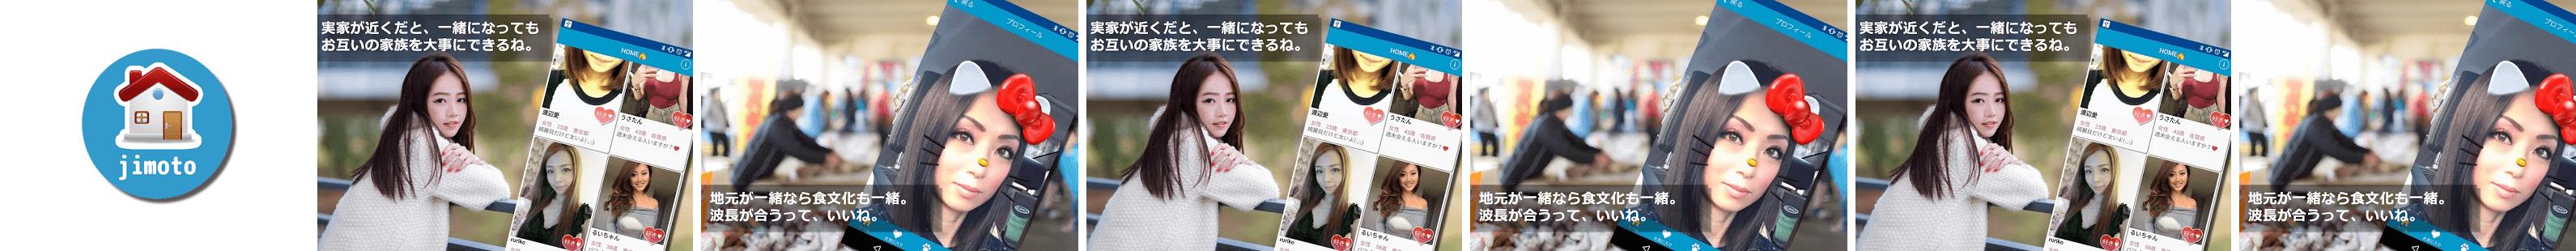 地元でトーク 幼馴染と運命の恋人探しマッチングアプリ